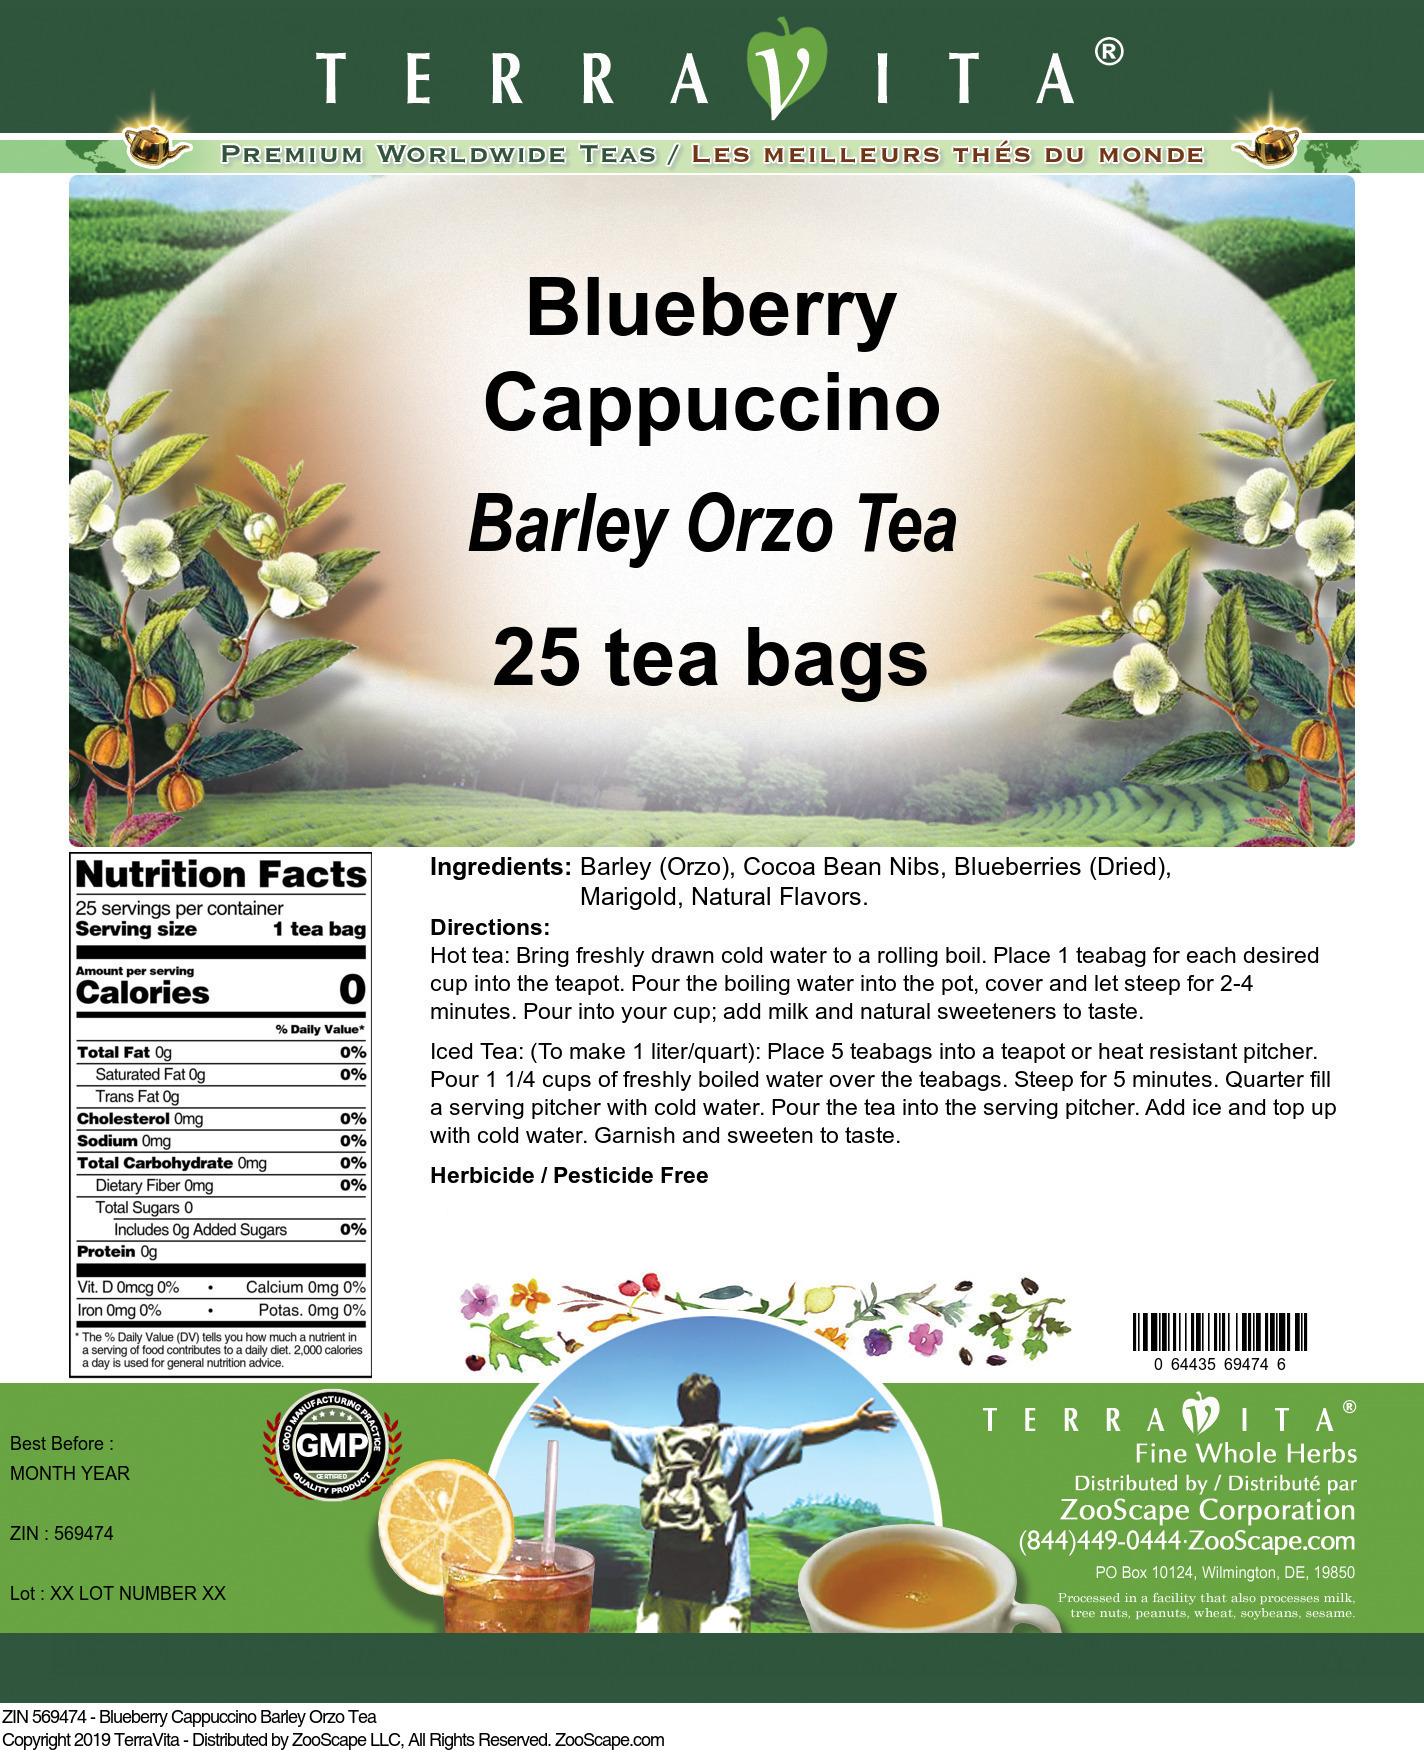 Blueberry Cappuccino Barley Orzo Tea